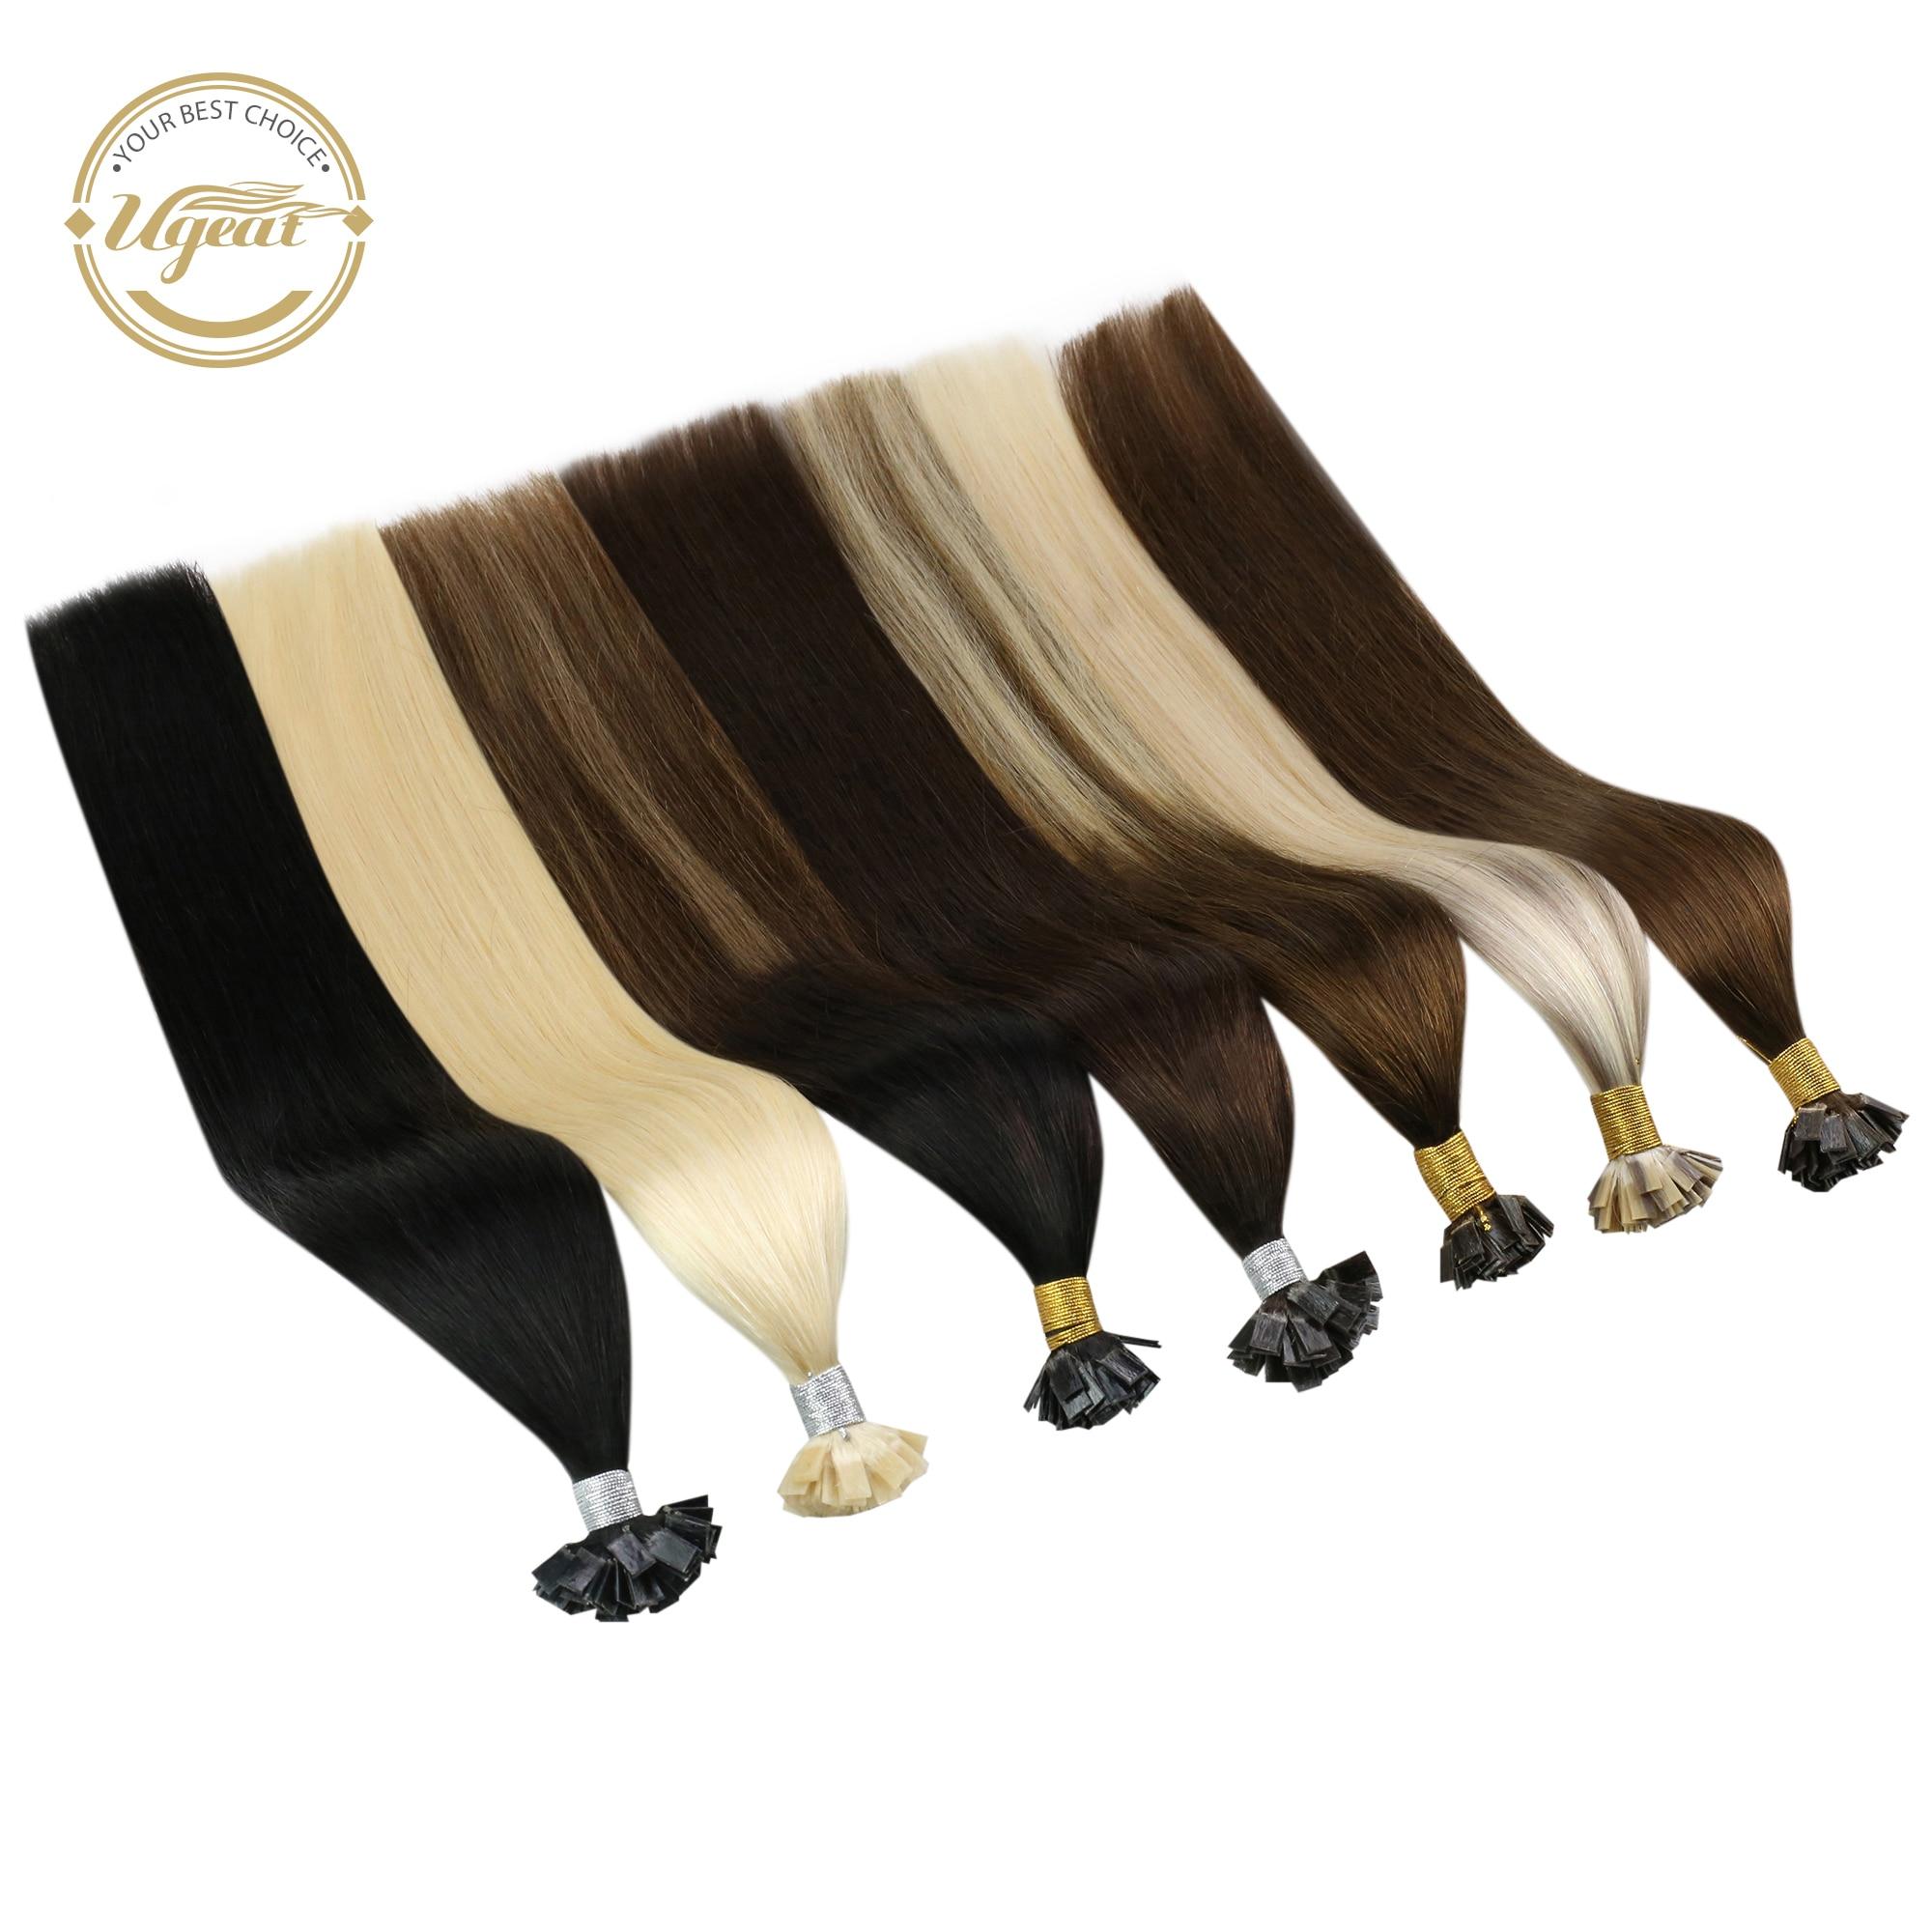 """[19 cores] ugeat u ponta extensões de cabelo do prego máquina remy cabelo 14-24 """"natural real cabelo humano pré-ligado extensões de cabelo 50g/100g"""